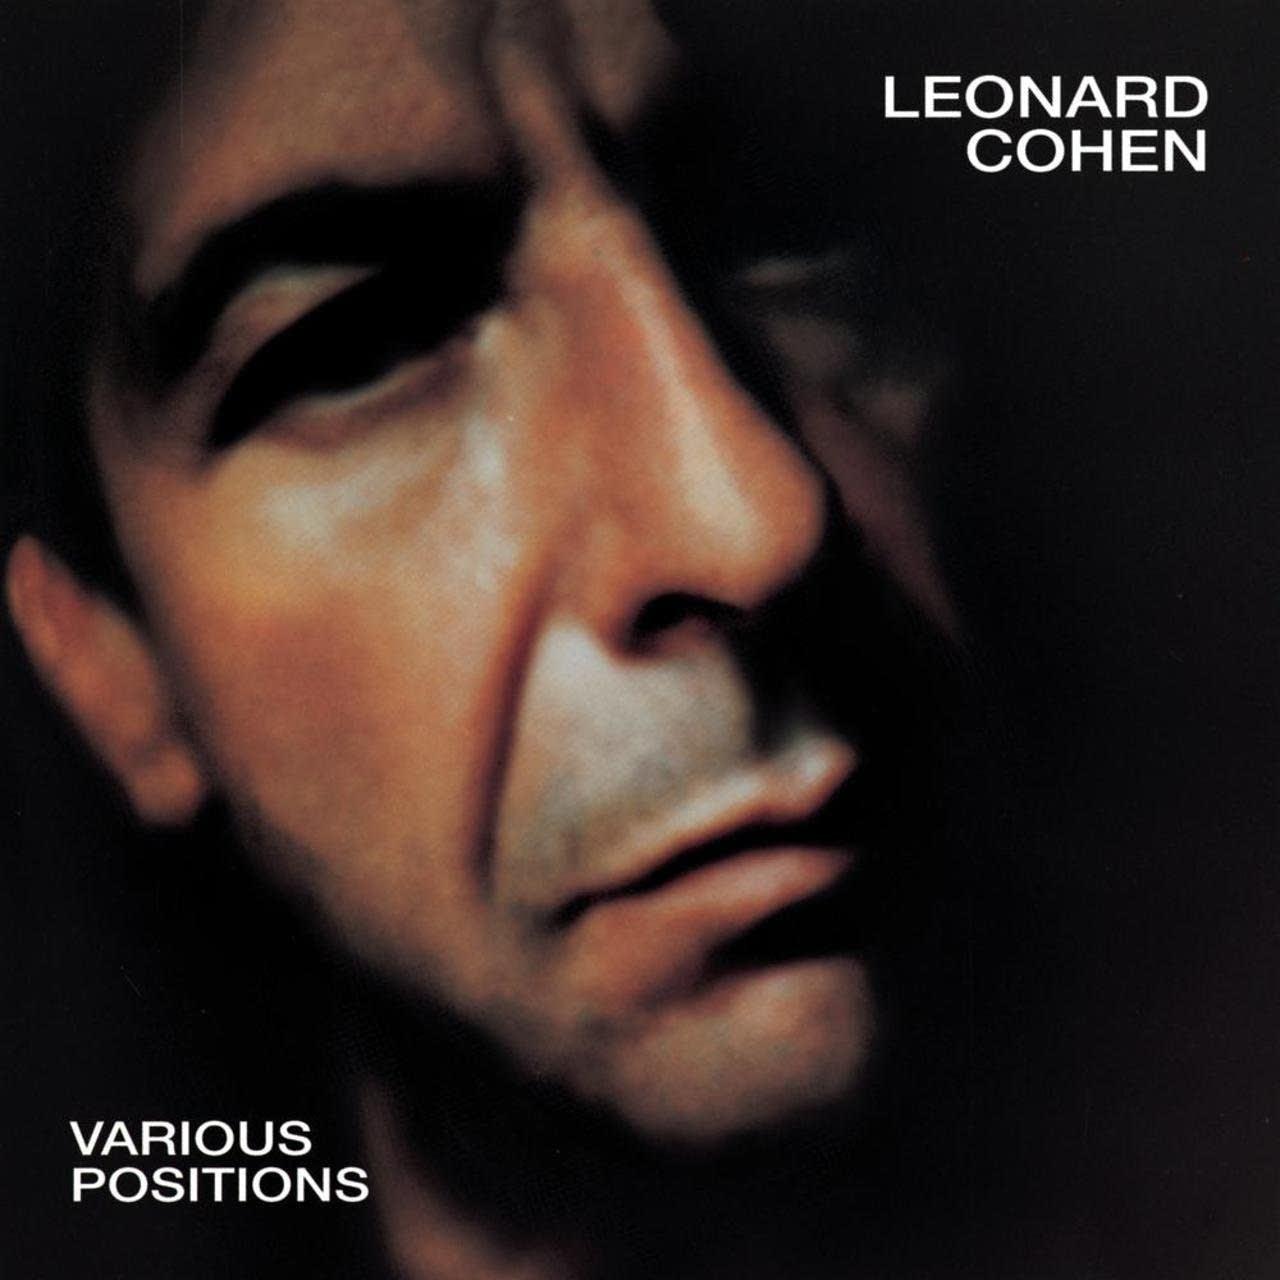 Leonard Cohen's album 'Various Positions'